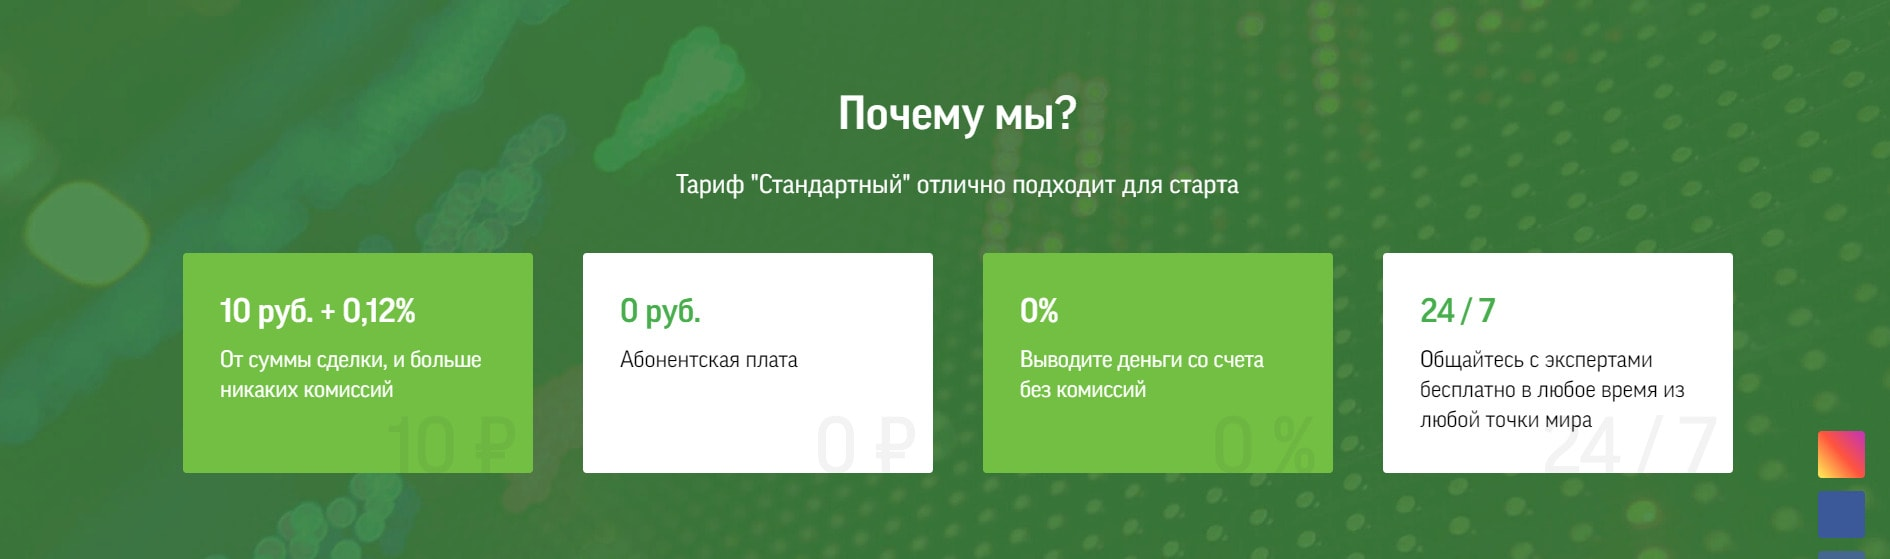 Тариф стандартный Фридом Финанс